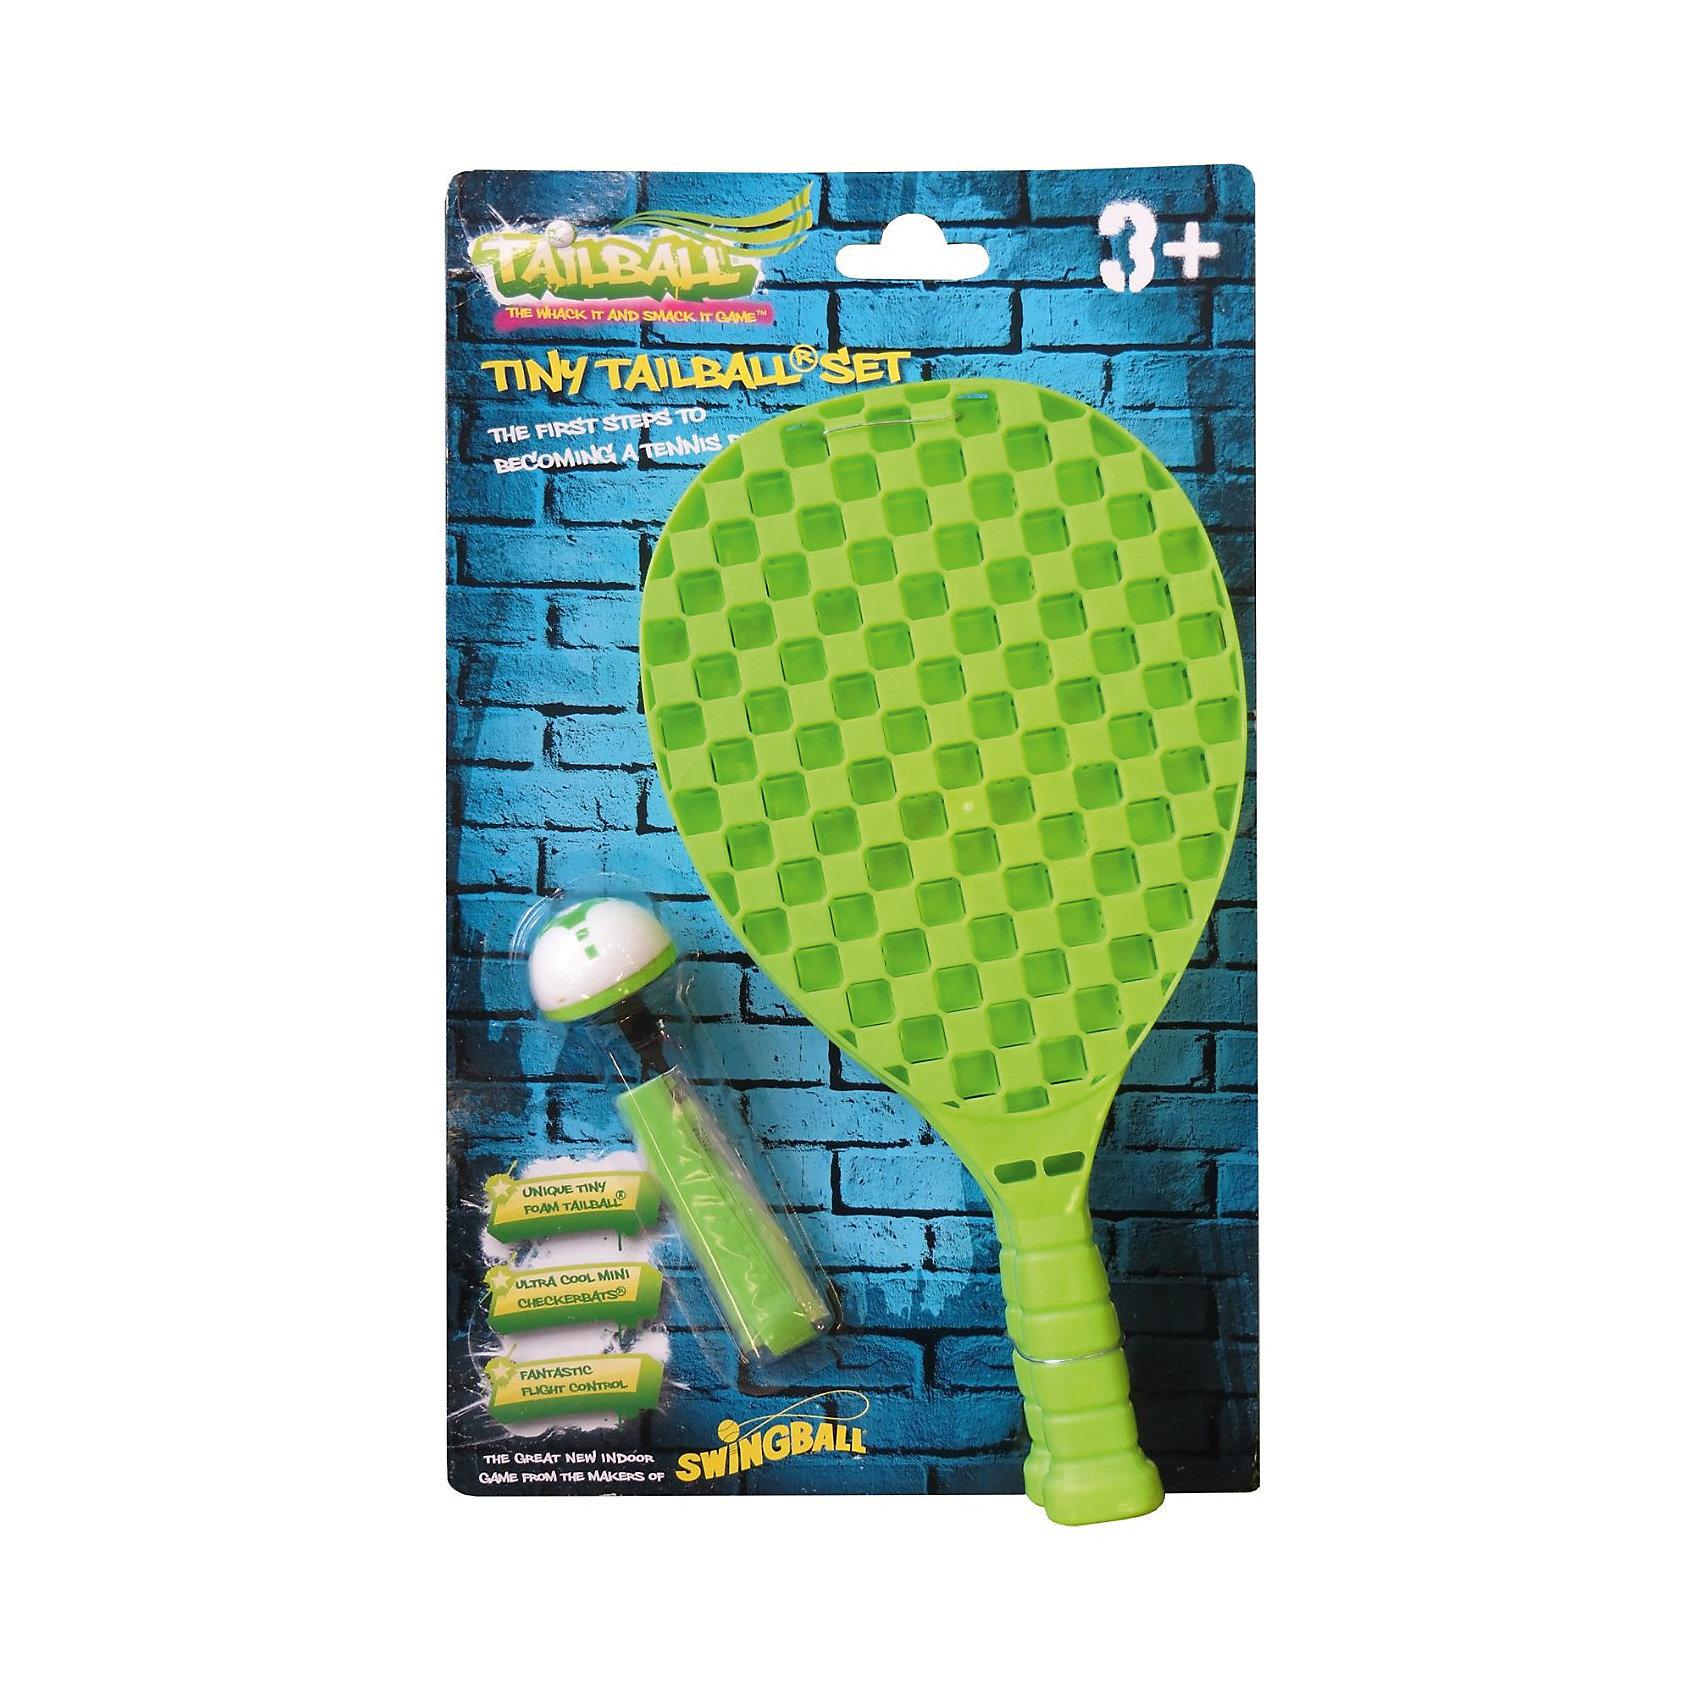 Веселый бадминтон (2 ракетки, воланчик), MookieБадминтон и теннис<br>Tiny TailBall Set  - набор для игры в бадминтон. В набор входят две облегченные ракетки и оригинальный волан с хвостиком. С его помощью будет очень удобно следить за траекторией полета волана. Прекрасная игра для всей семьи!<br><br>Дополнительная информация:<br>В комплекте: 2 ракетки, шар-волан с хвостиком<br>Материал: пластик<br>Размер: 25х6х37 см<br>Вес: 333 грамма<br>Набор для бадминтона Tiny TailBall Set вы можете купить в нашем интернет-магазине.<br><br>Ширина мм: 370<br>Глубина мм: 60<br>Высота мм: 250<br>Вес г: 333<br>Возраст от месяцев: 36<br>Возраст до месяцев: 120<br>Пол: Унисекс<br>Возраст: Детский<br>SKU: 4953634